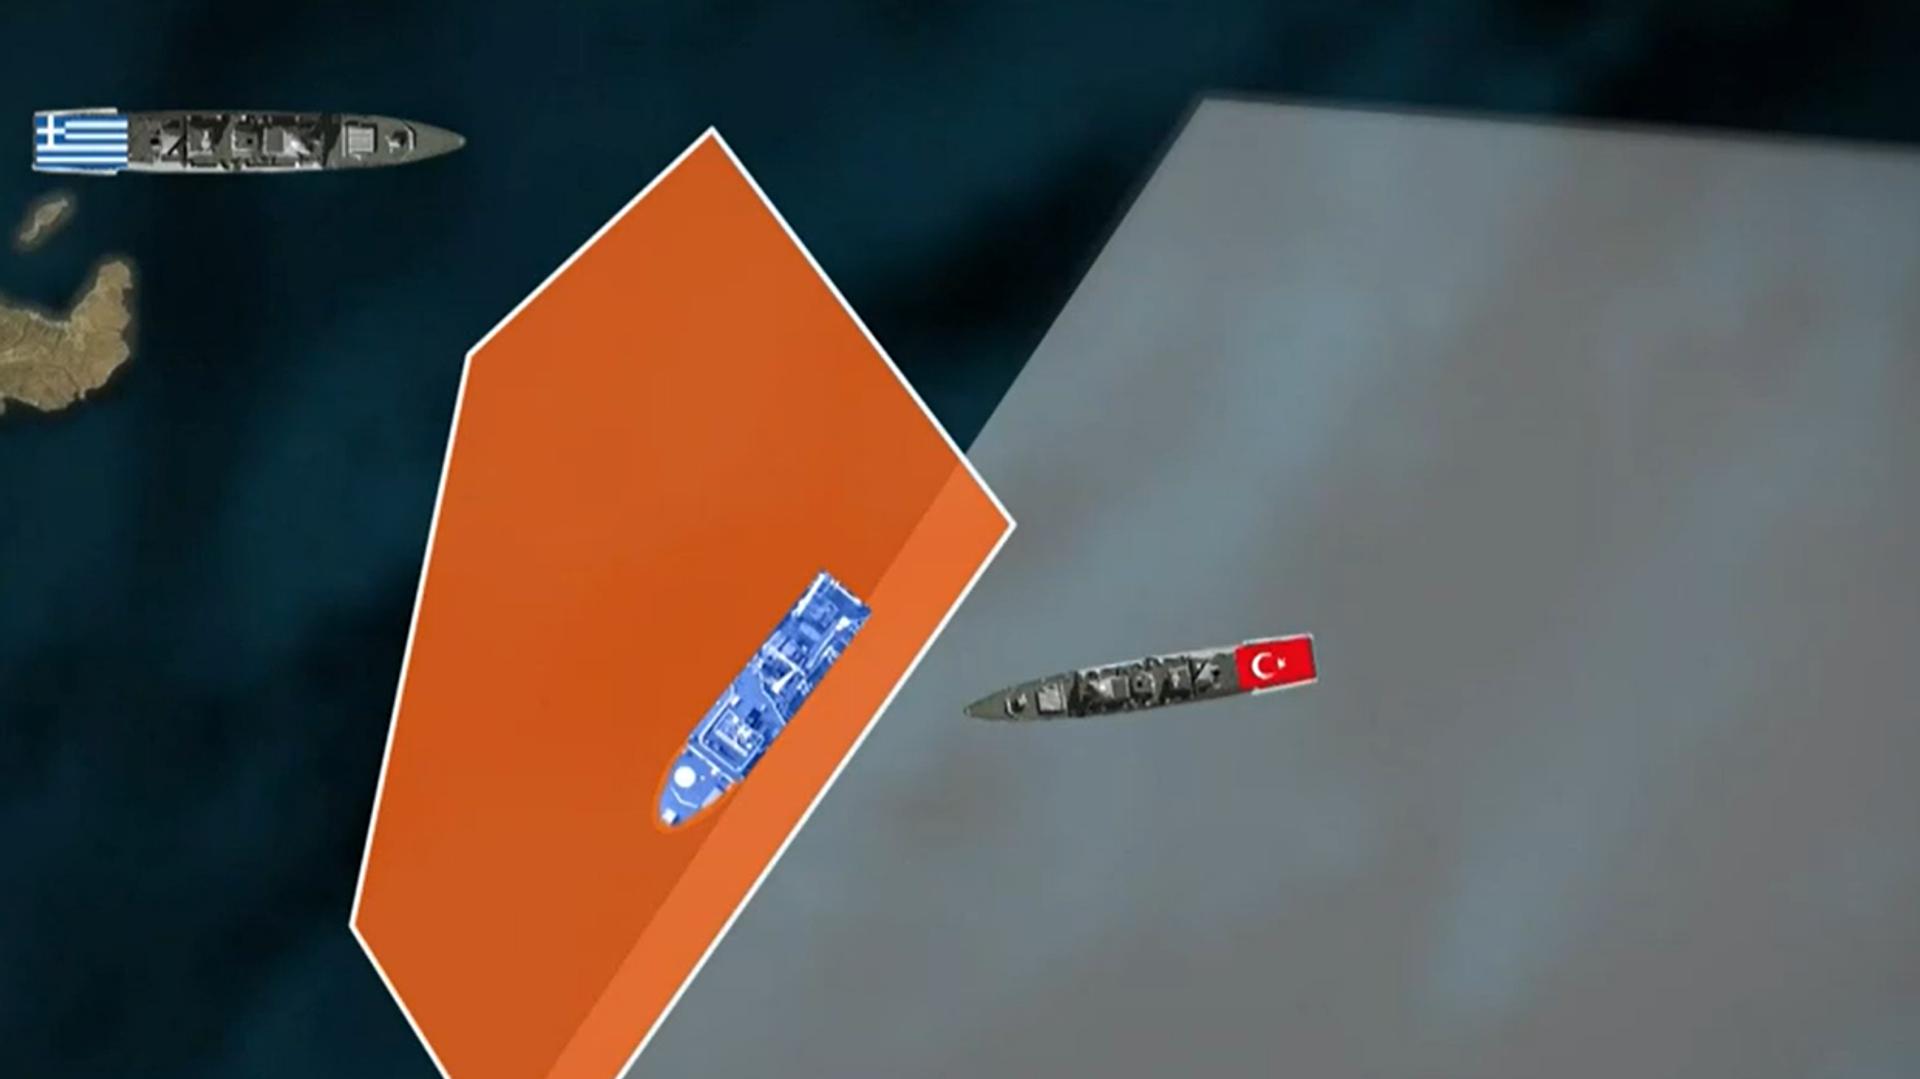 Τουρκική φρεγάτα ανατολικά της Κρήτης - Sputnik Ελλάδα, 1920, 21.09.2021